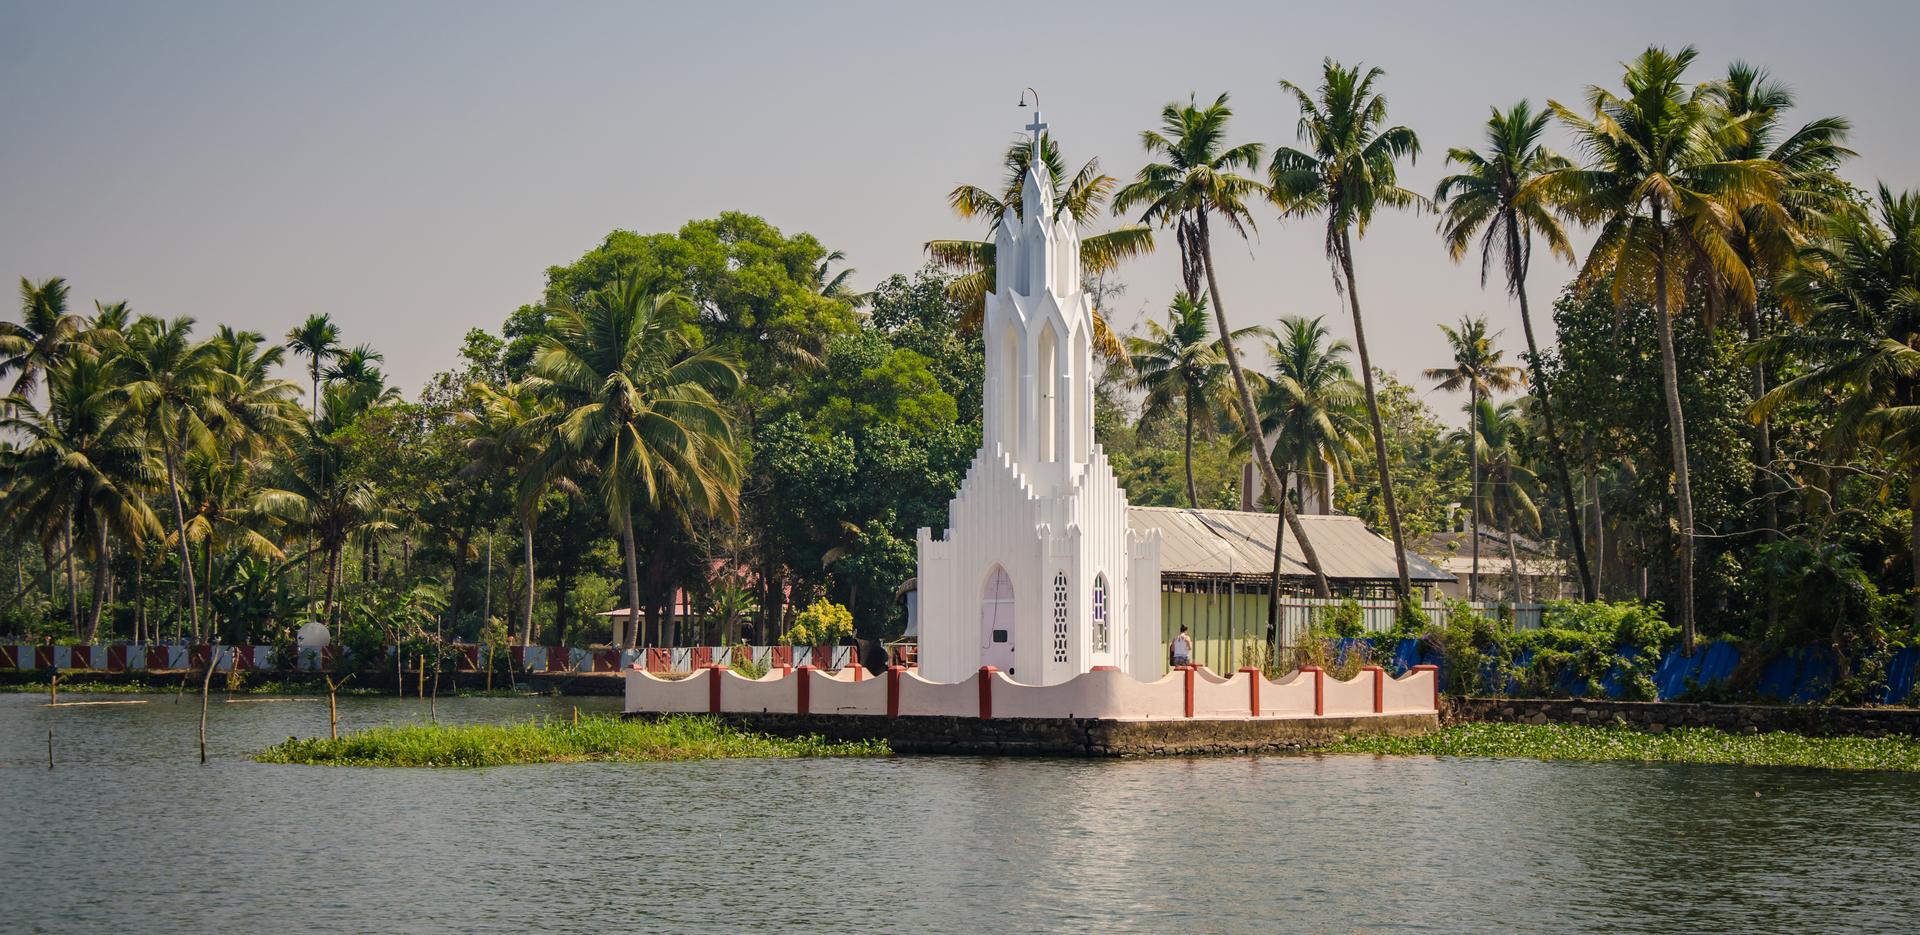 Kumarakom Resort, Kerala